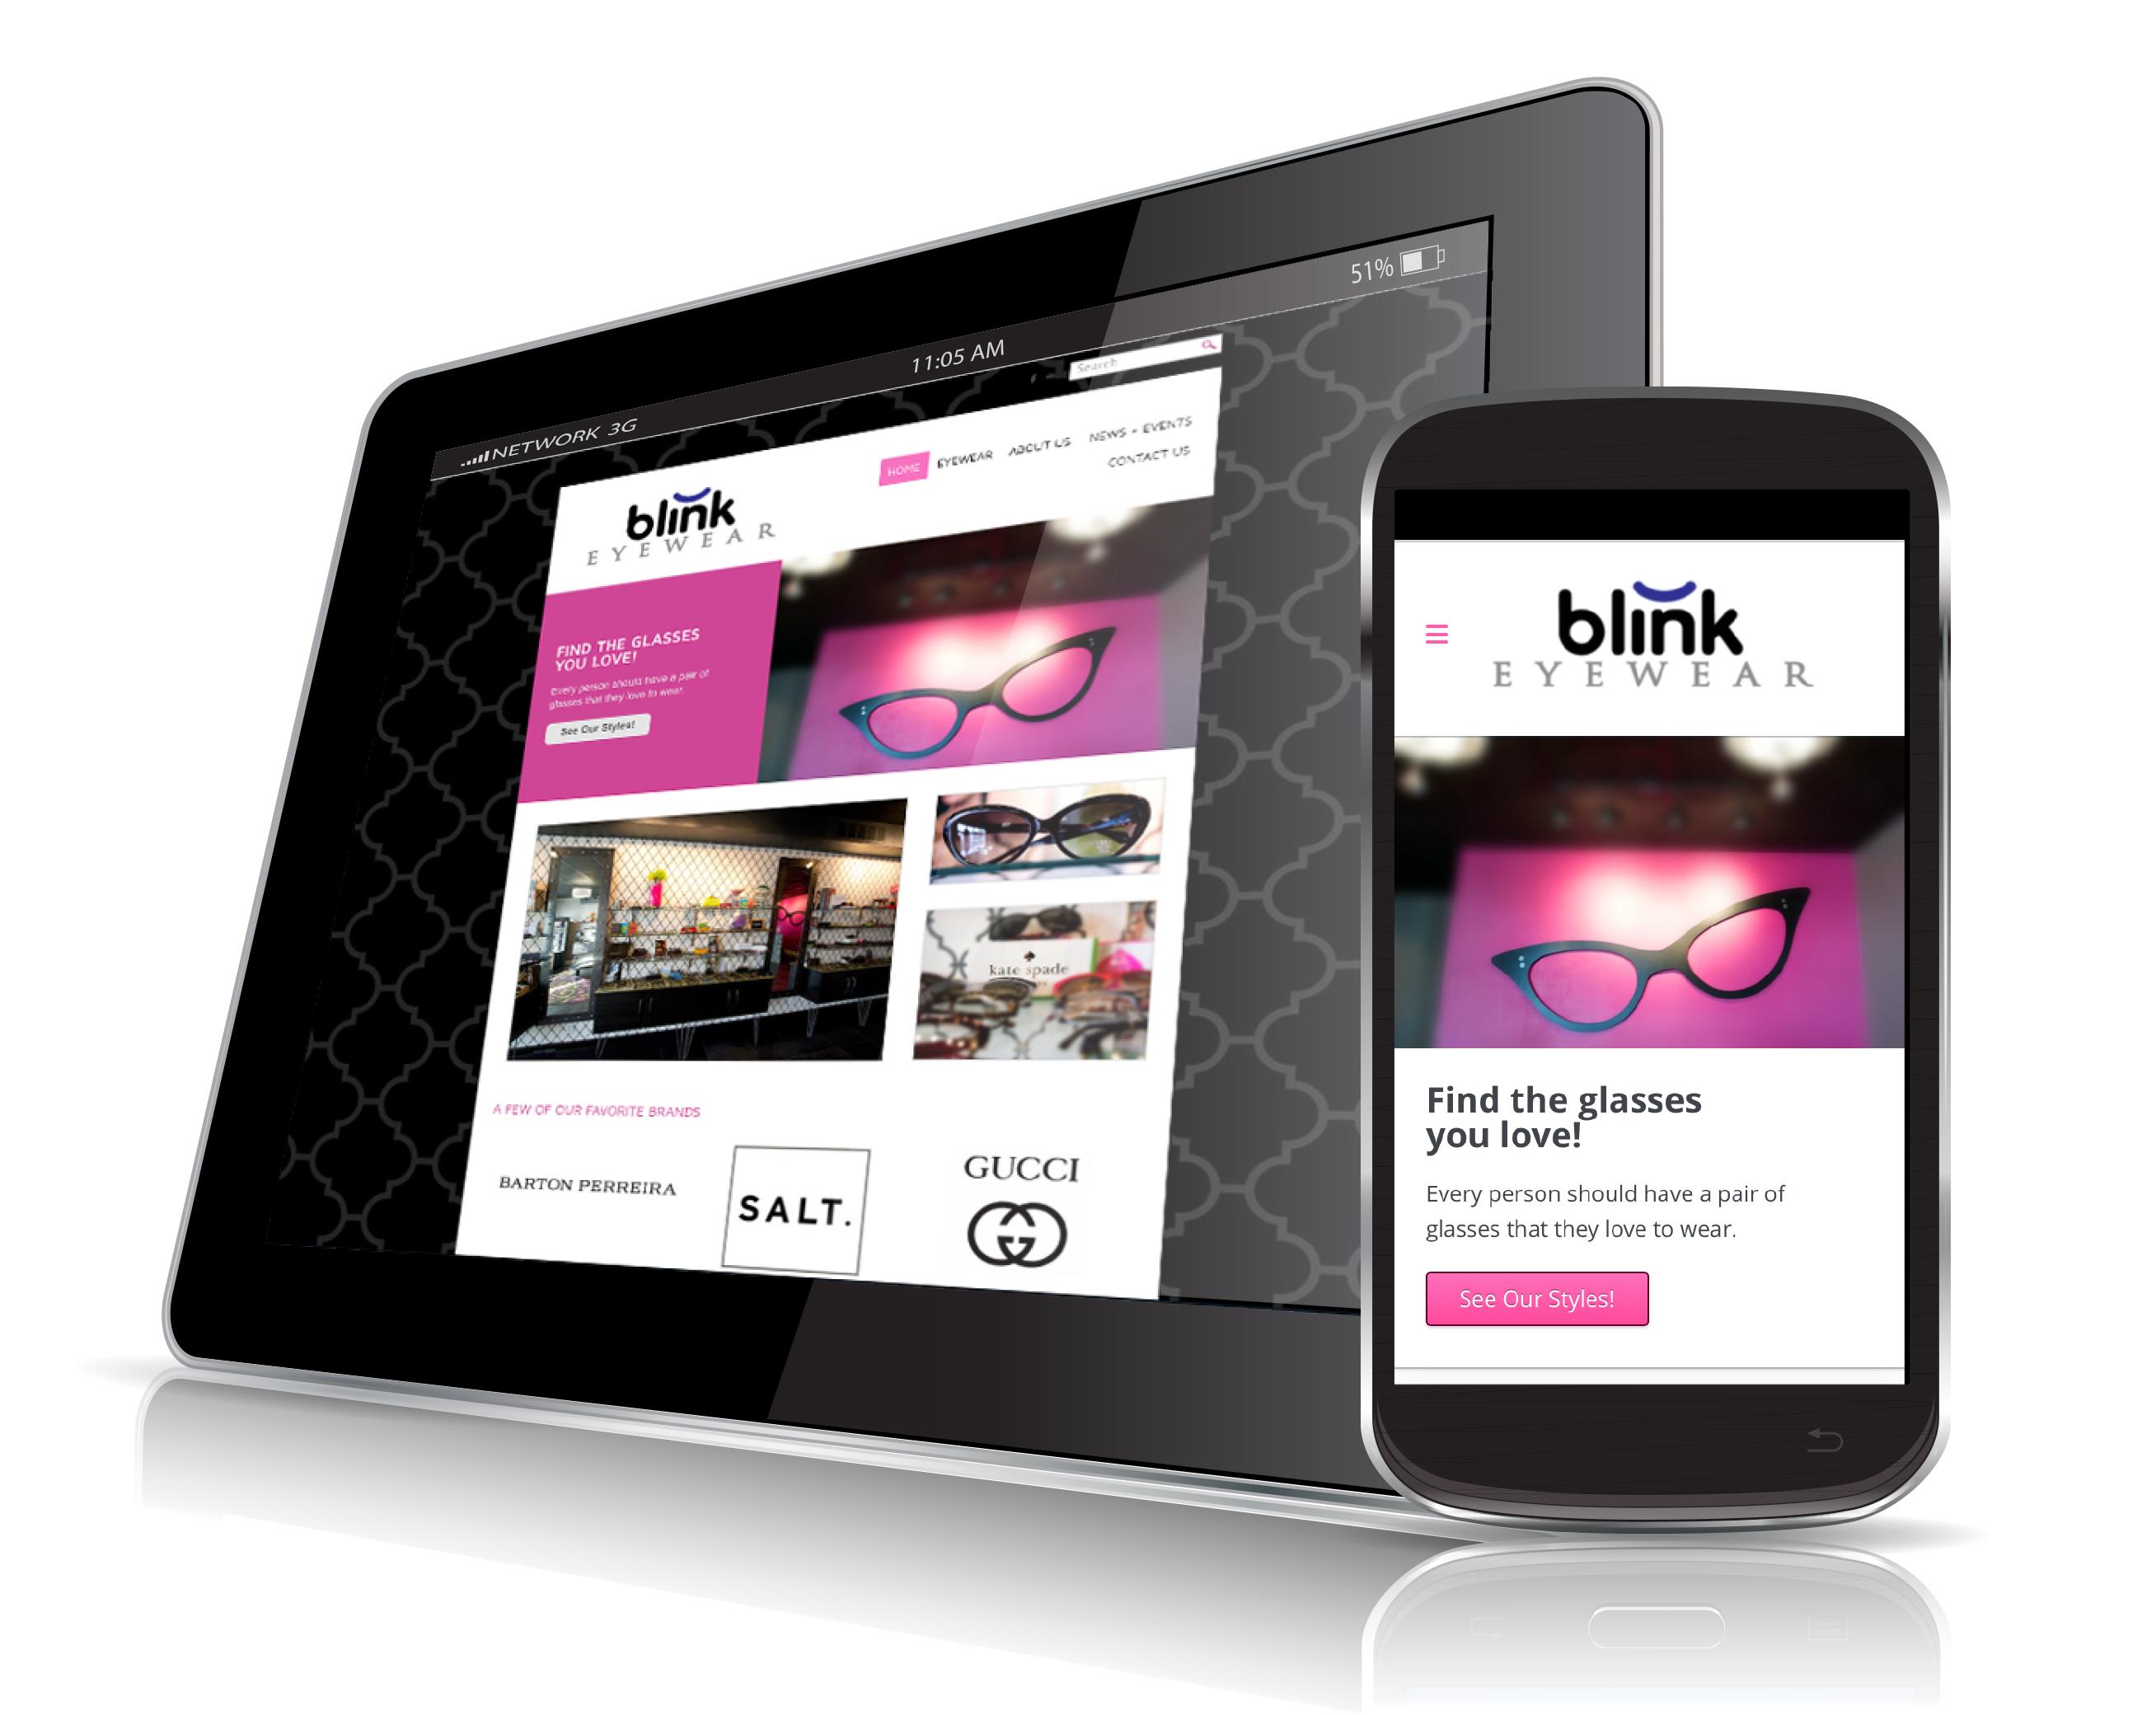 Blink Eyewear